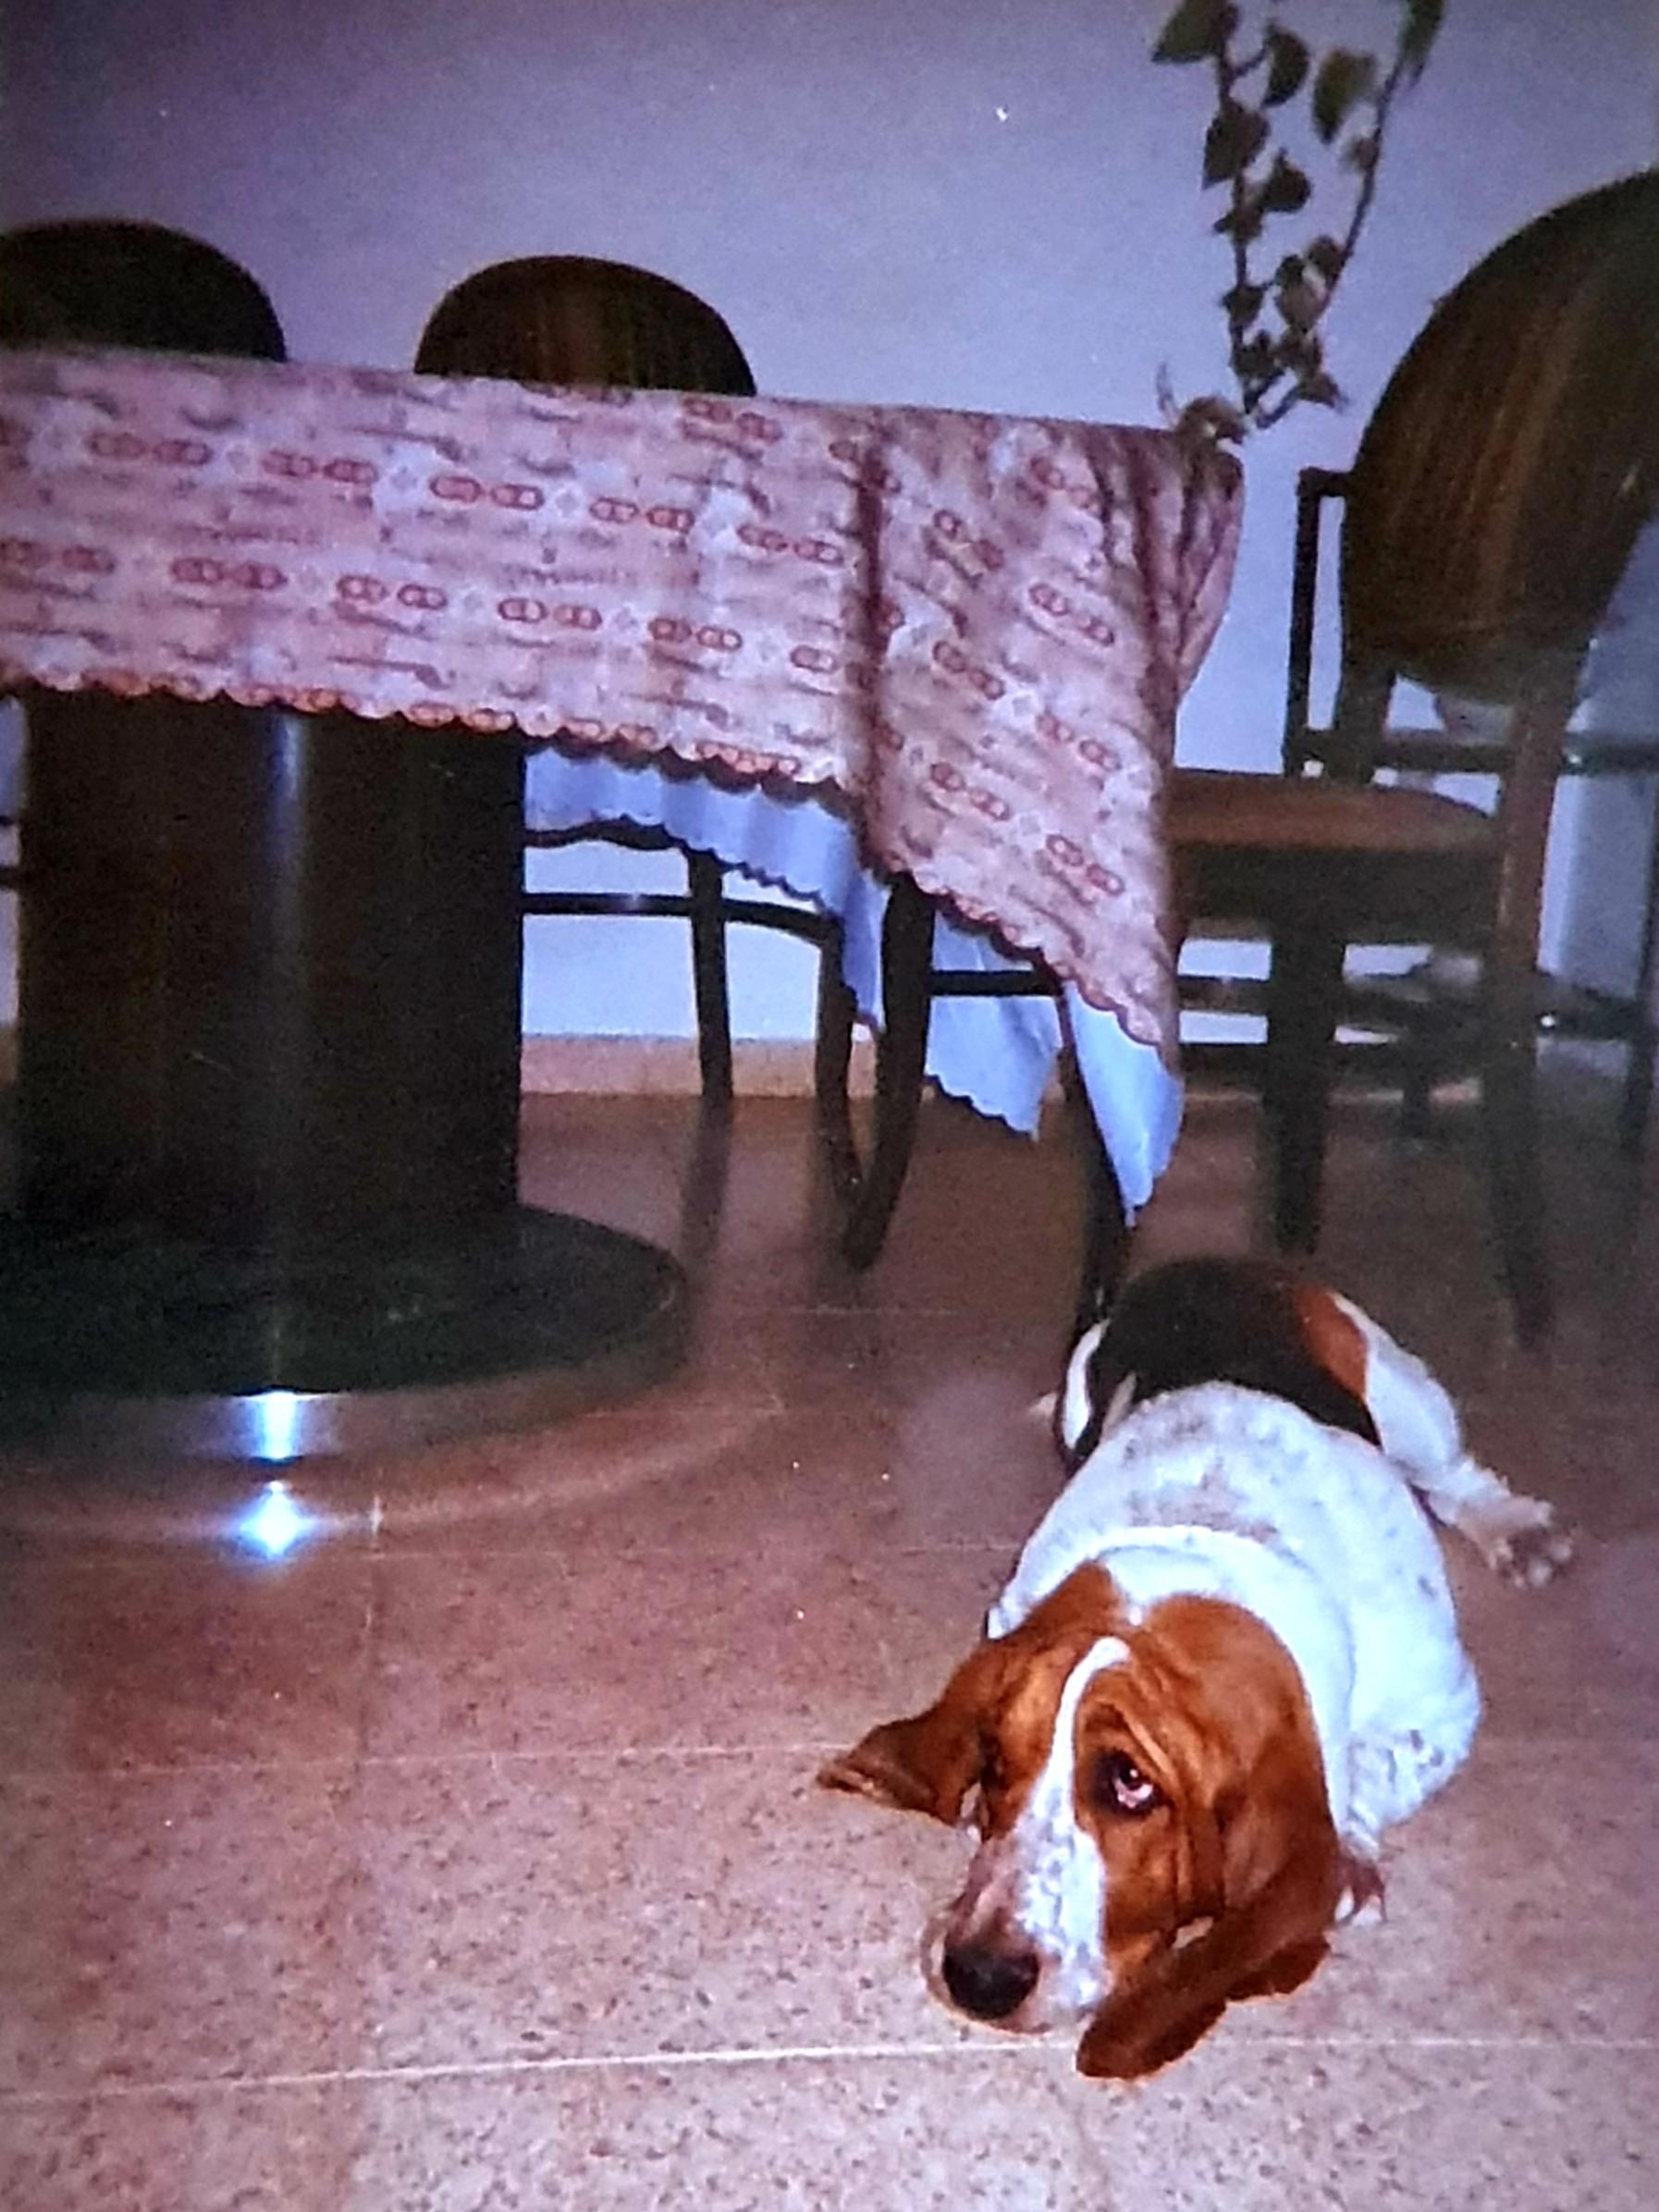 Собака, к сожалению, не моя - соседский бассет зашёл в гости к нашей птичке белокрылой.